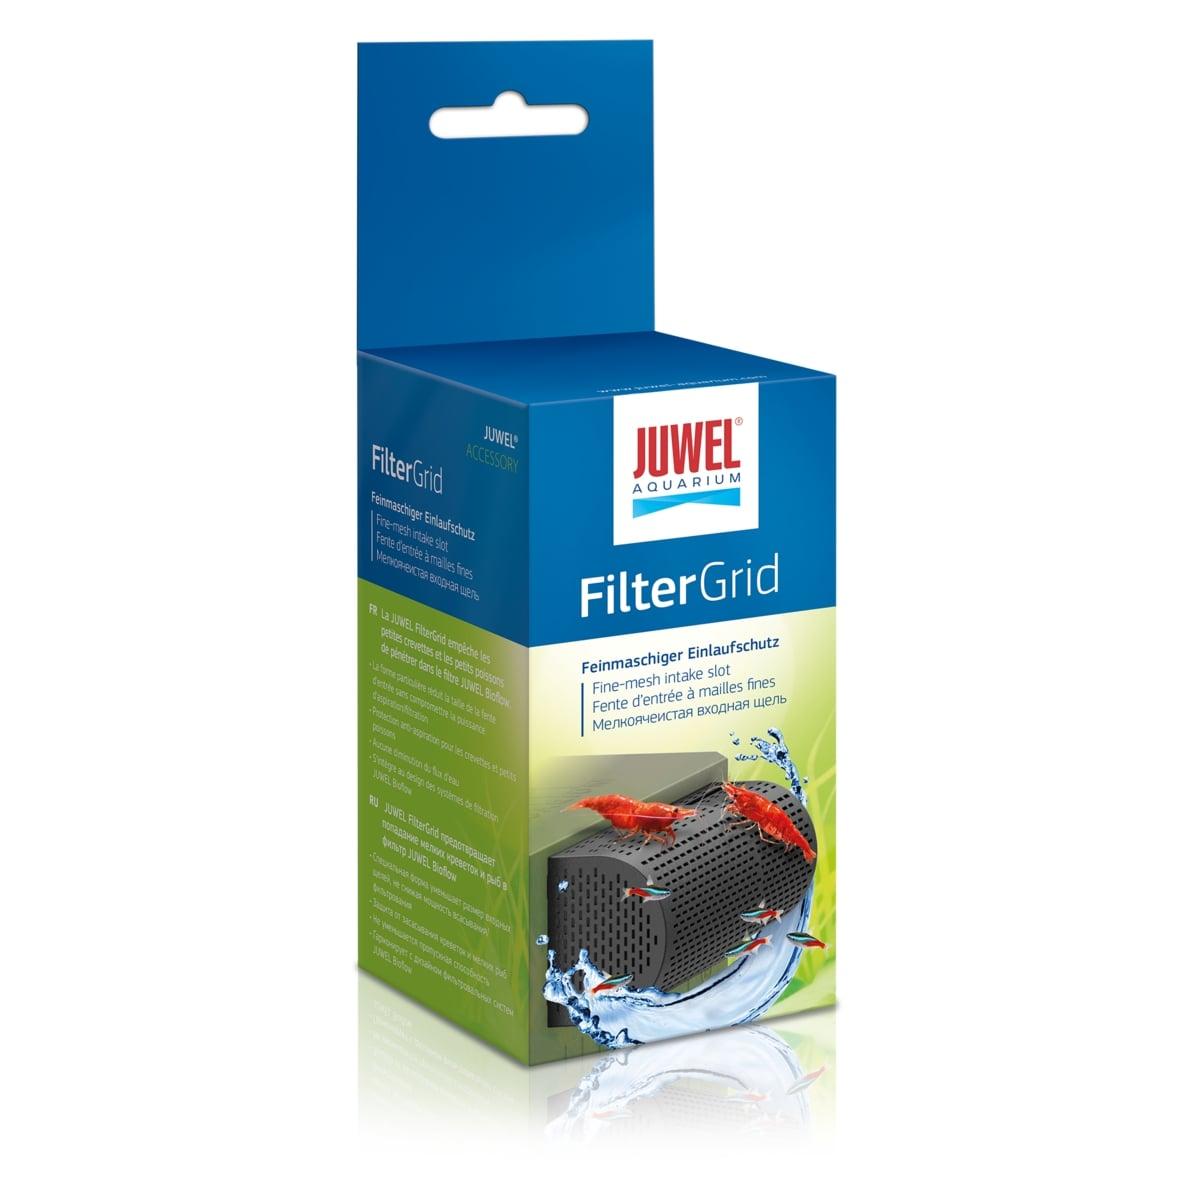 JUWEL FilterGrid kit de grilles de protection a mailles fines pour filtres JUWEL